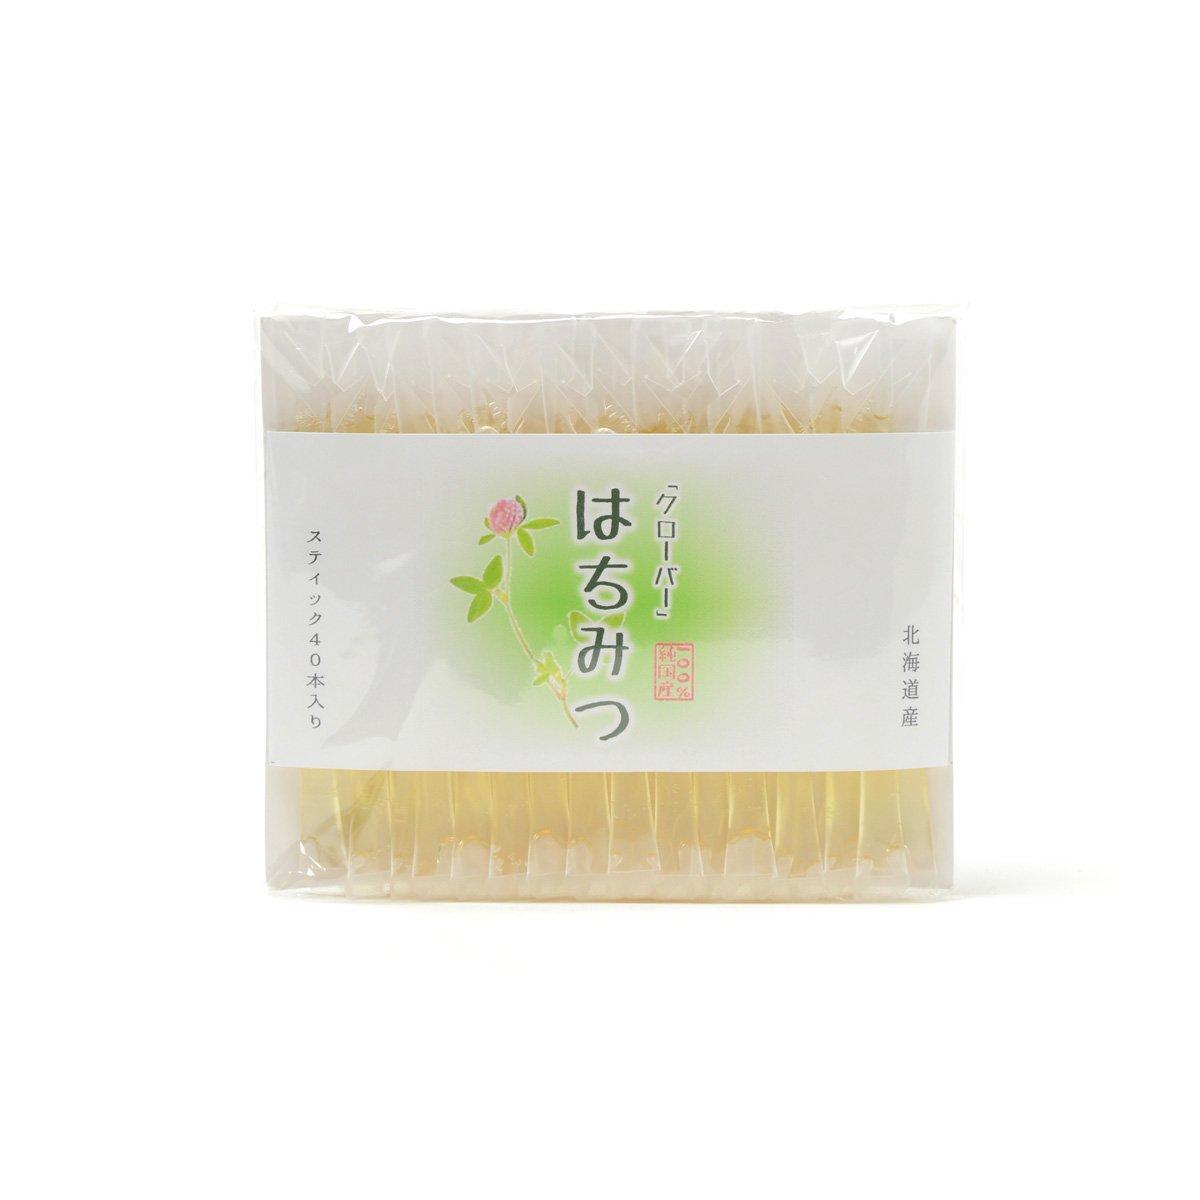 北海道産スティック蜂蜜 クローバー 2.5g×40本